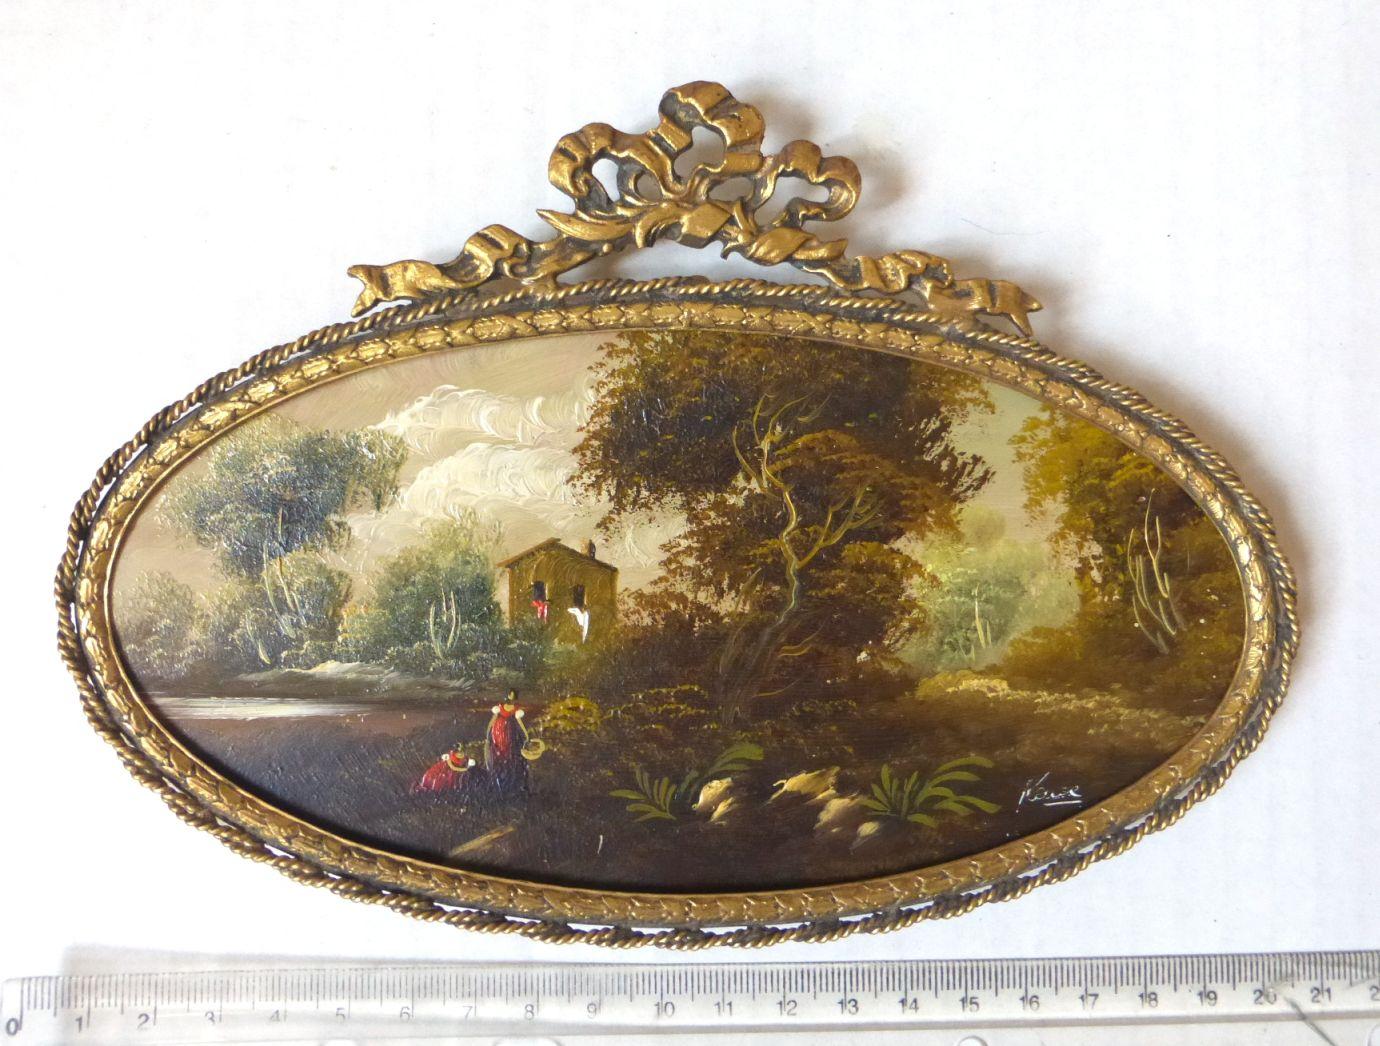 מיניאטורה מצוירת ביד, שמן על נחושת, סצינה פסטורלית, מסגרת ברונזה אובלית, 9X18